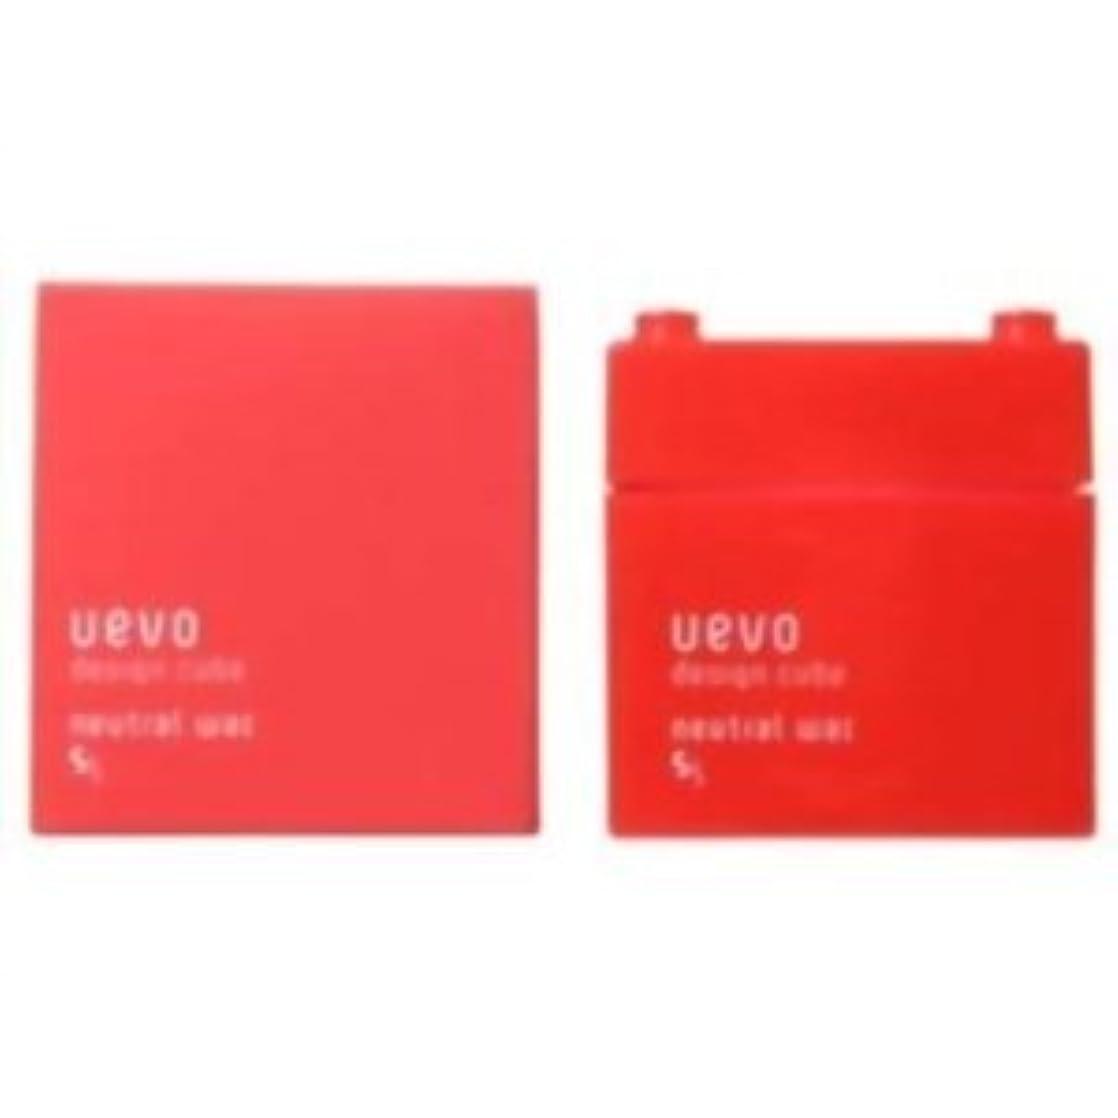 地震調べる質量【X2個セット】 デミ ウェーボ デザインキューブ ニュートラルワックス 80g neutral wax DEMI uevo design cube